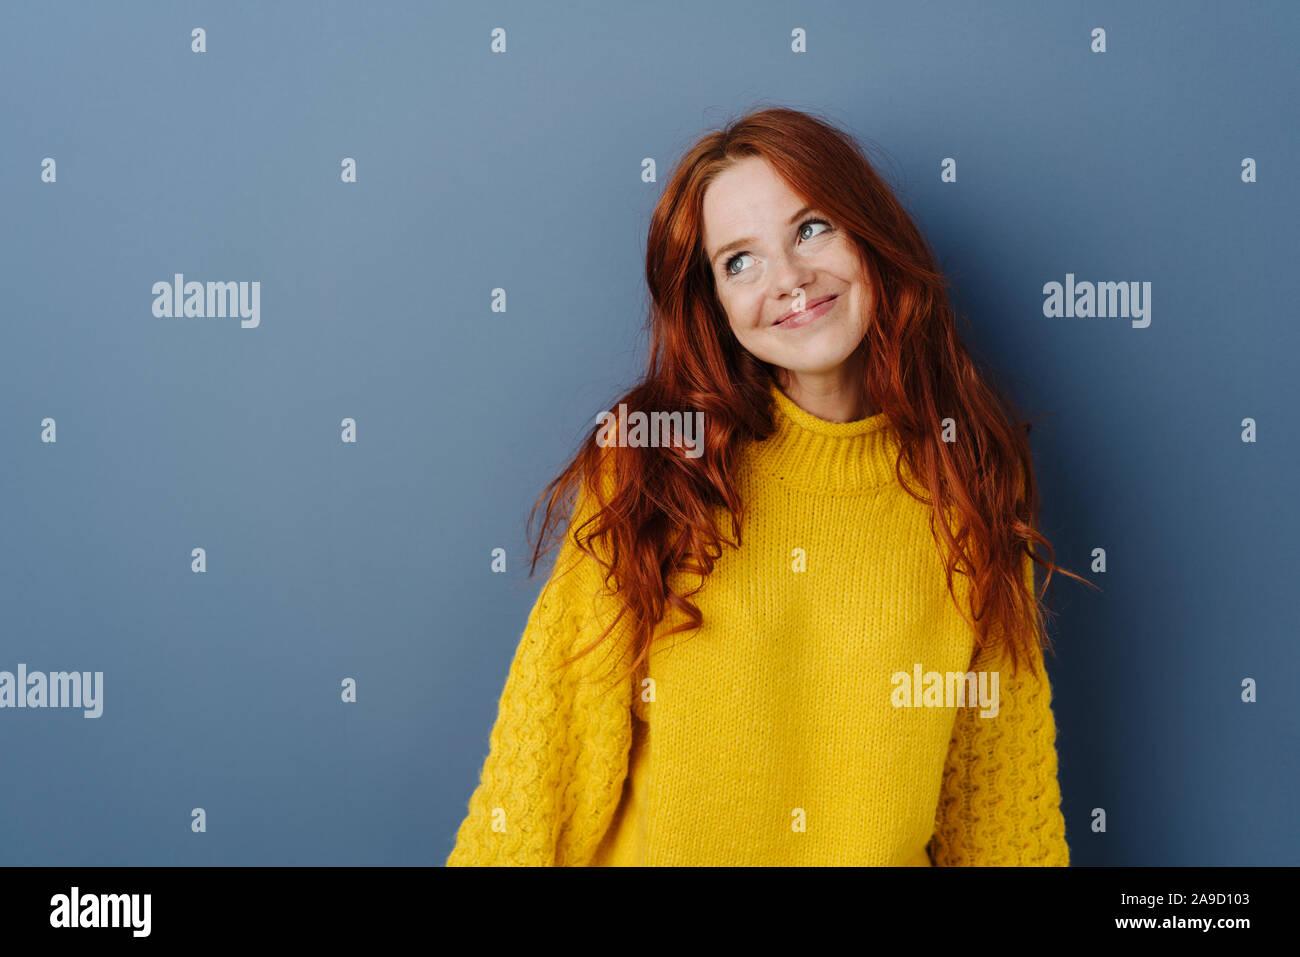 Simpering junge Frau mit einem coy Lächeln beiseite, mit einem Lächeln, als sie über einen blauen studio Hintergrund mit Kopie Raum flirtet Stockfoto